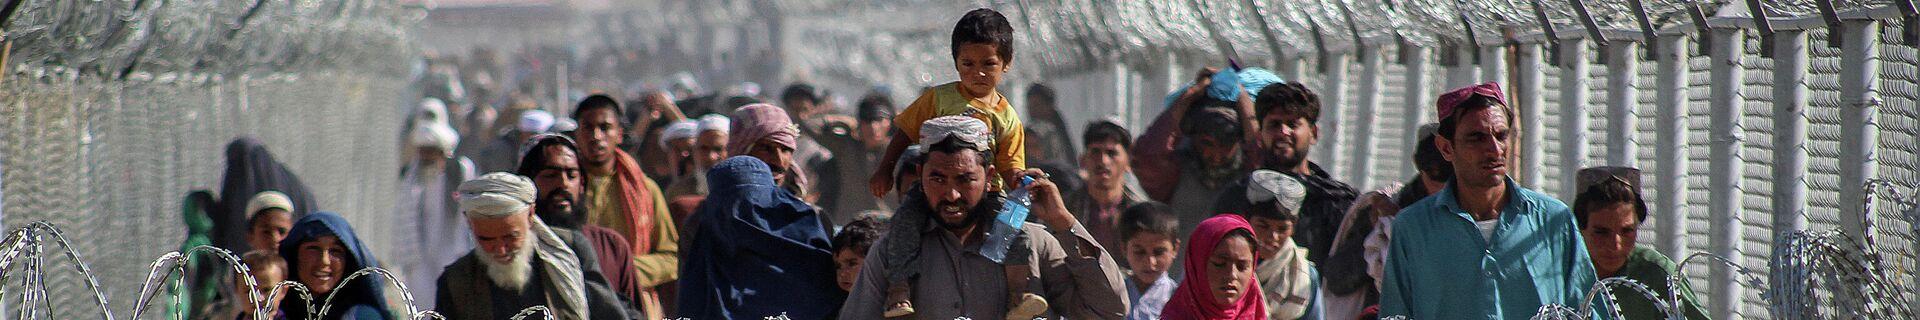 Афганские беженцы на границе с Пакистаном - Sputnik Беларусь, 1920, 17.08.2021